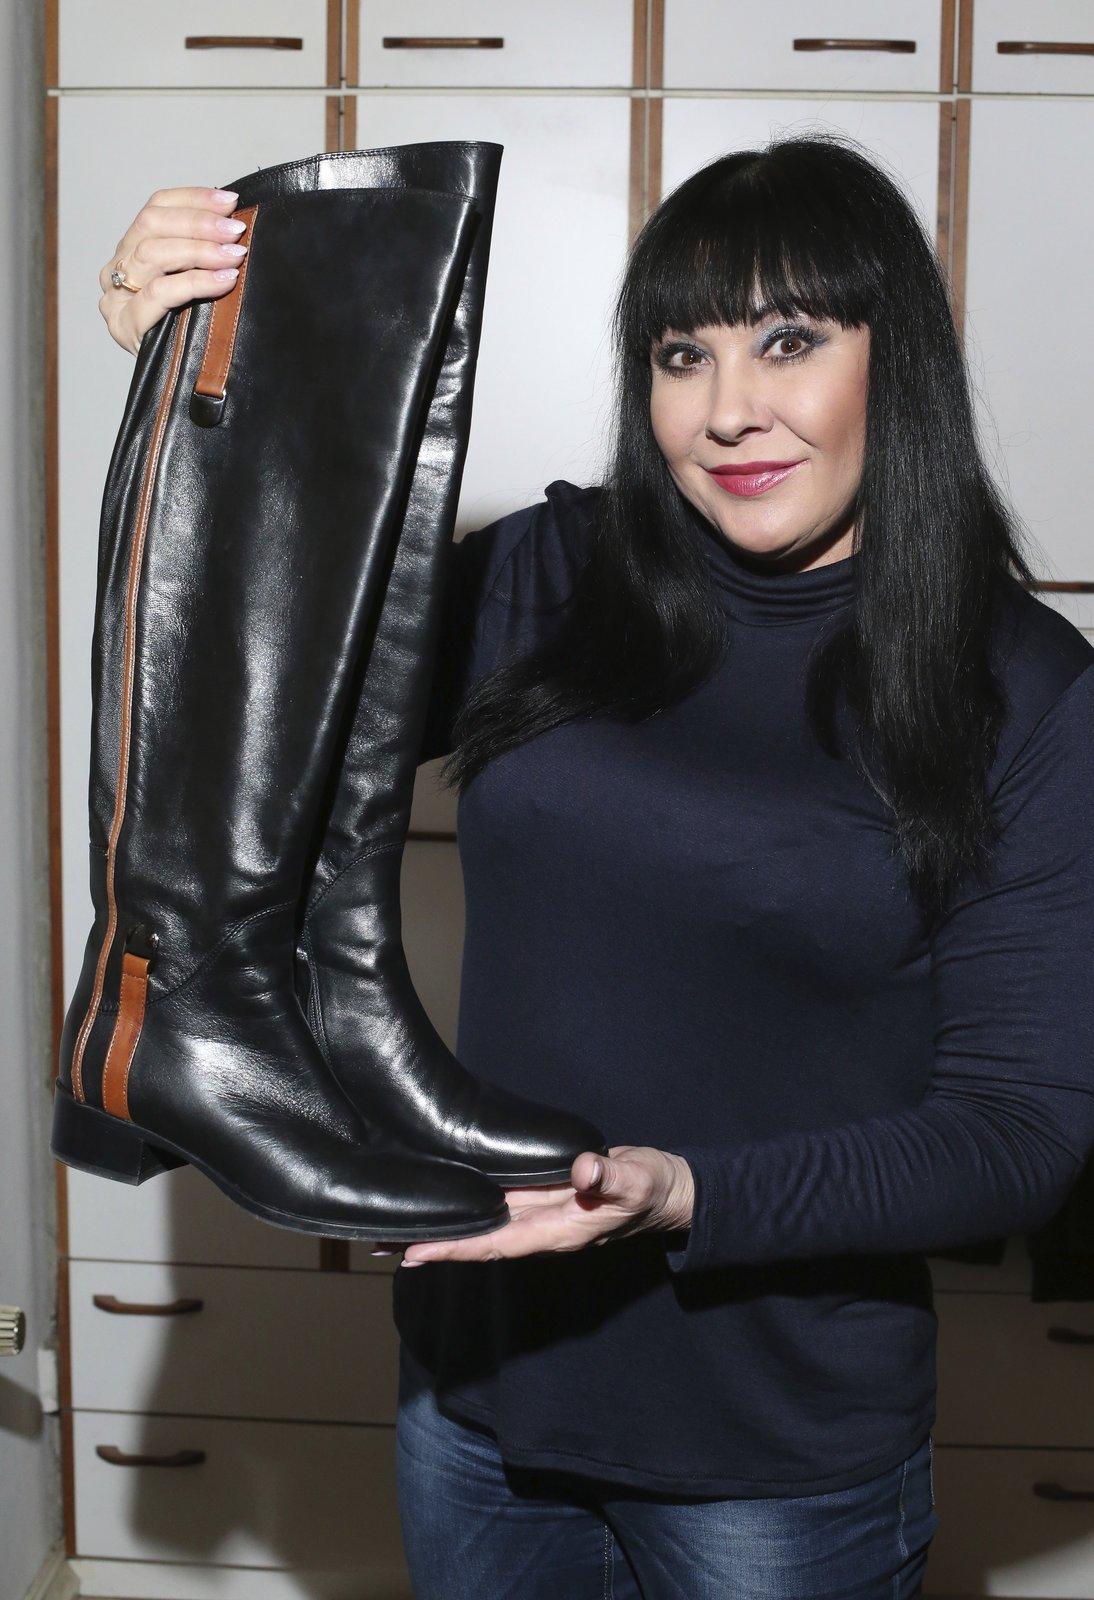 Starý ženský trik: Starý ženský trik s vysokými holinkami. Kozačky dělají krásné nohy, hlavně když jsou těsně nad kolena.